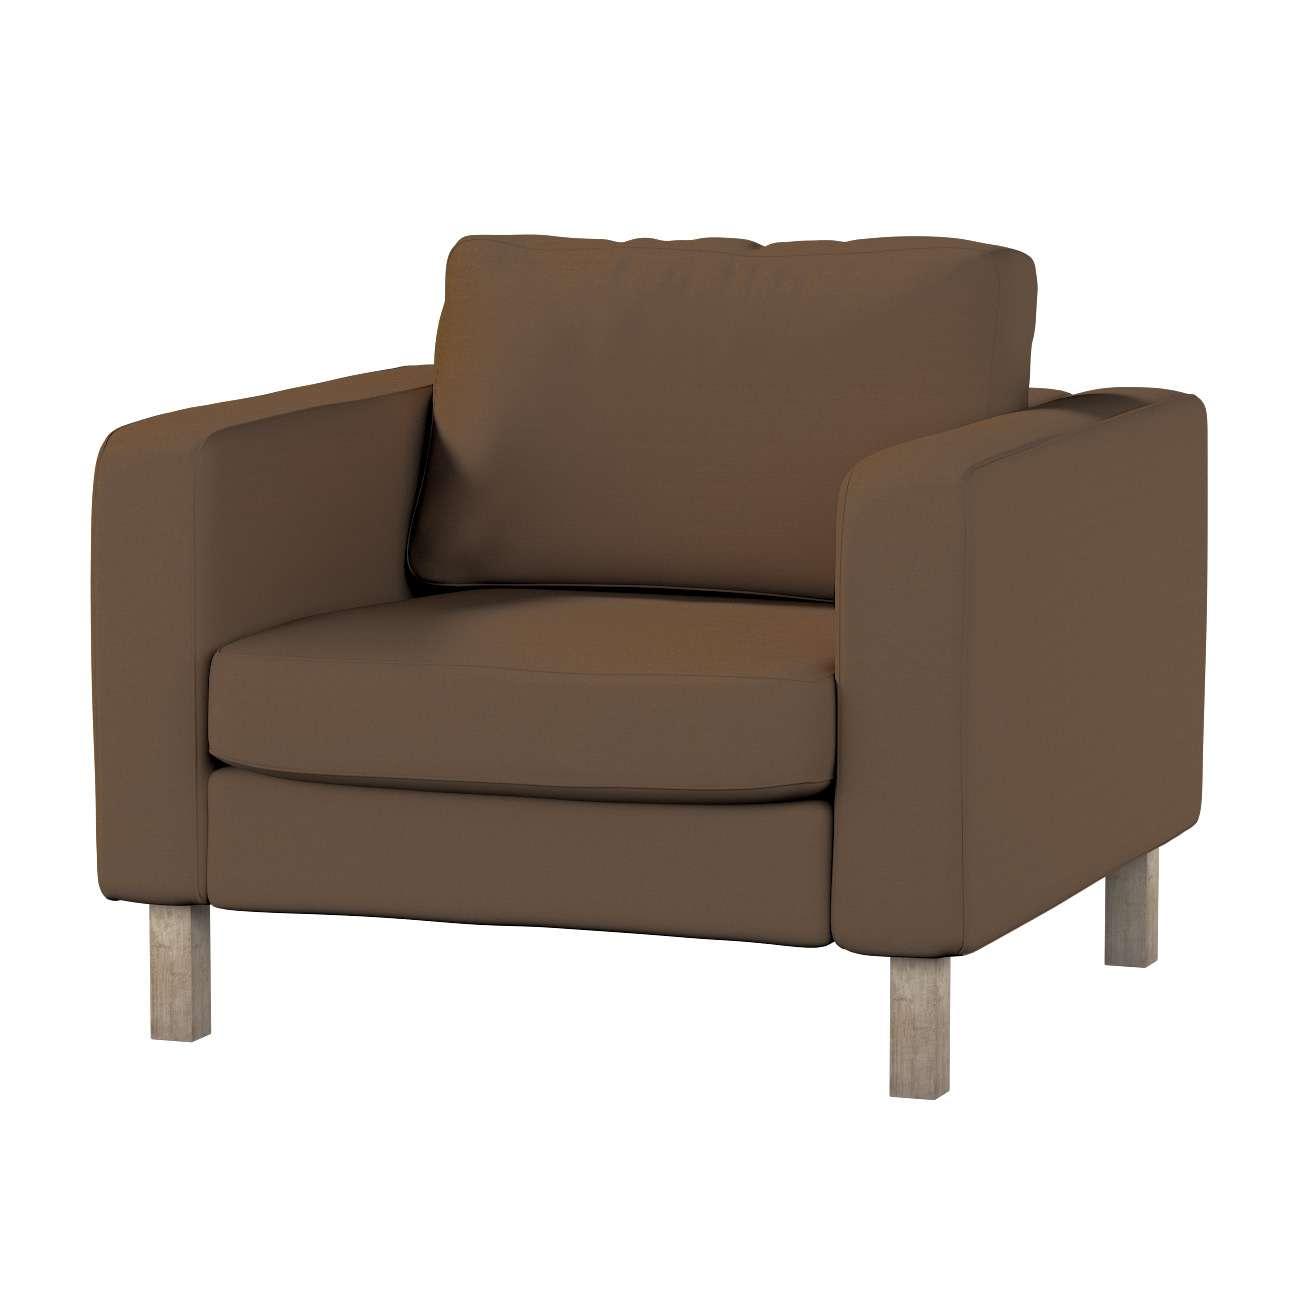 Karlstad fotelio užvalkalas Karlstad fotelio užvalkalas kolekcijoje Cotton Panama, audinys: 702-02